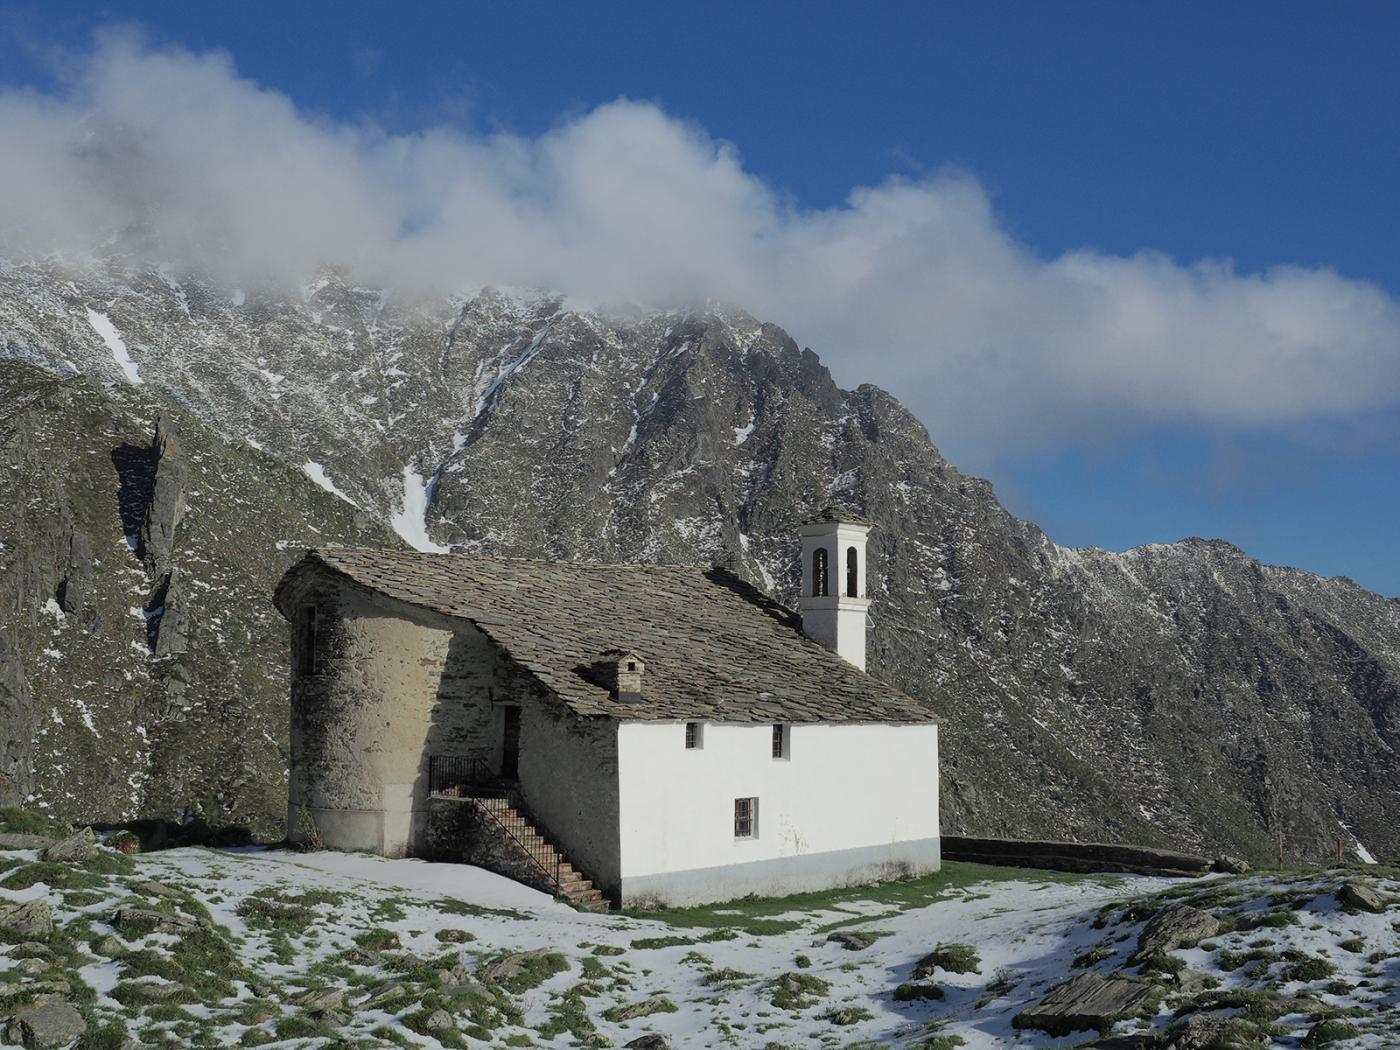 Leggera spruzzata di neve del giorno precedente sui prati intorno alla chiesa